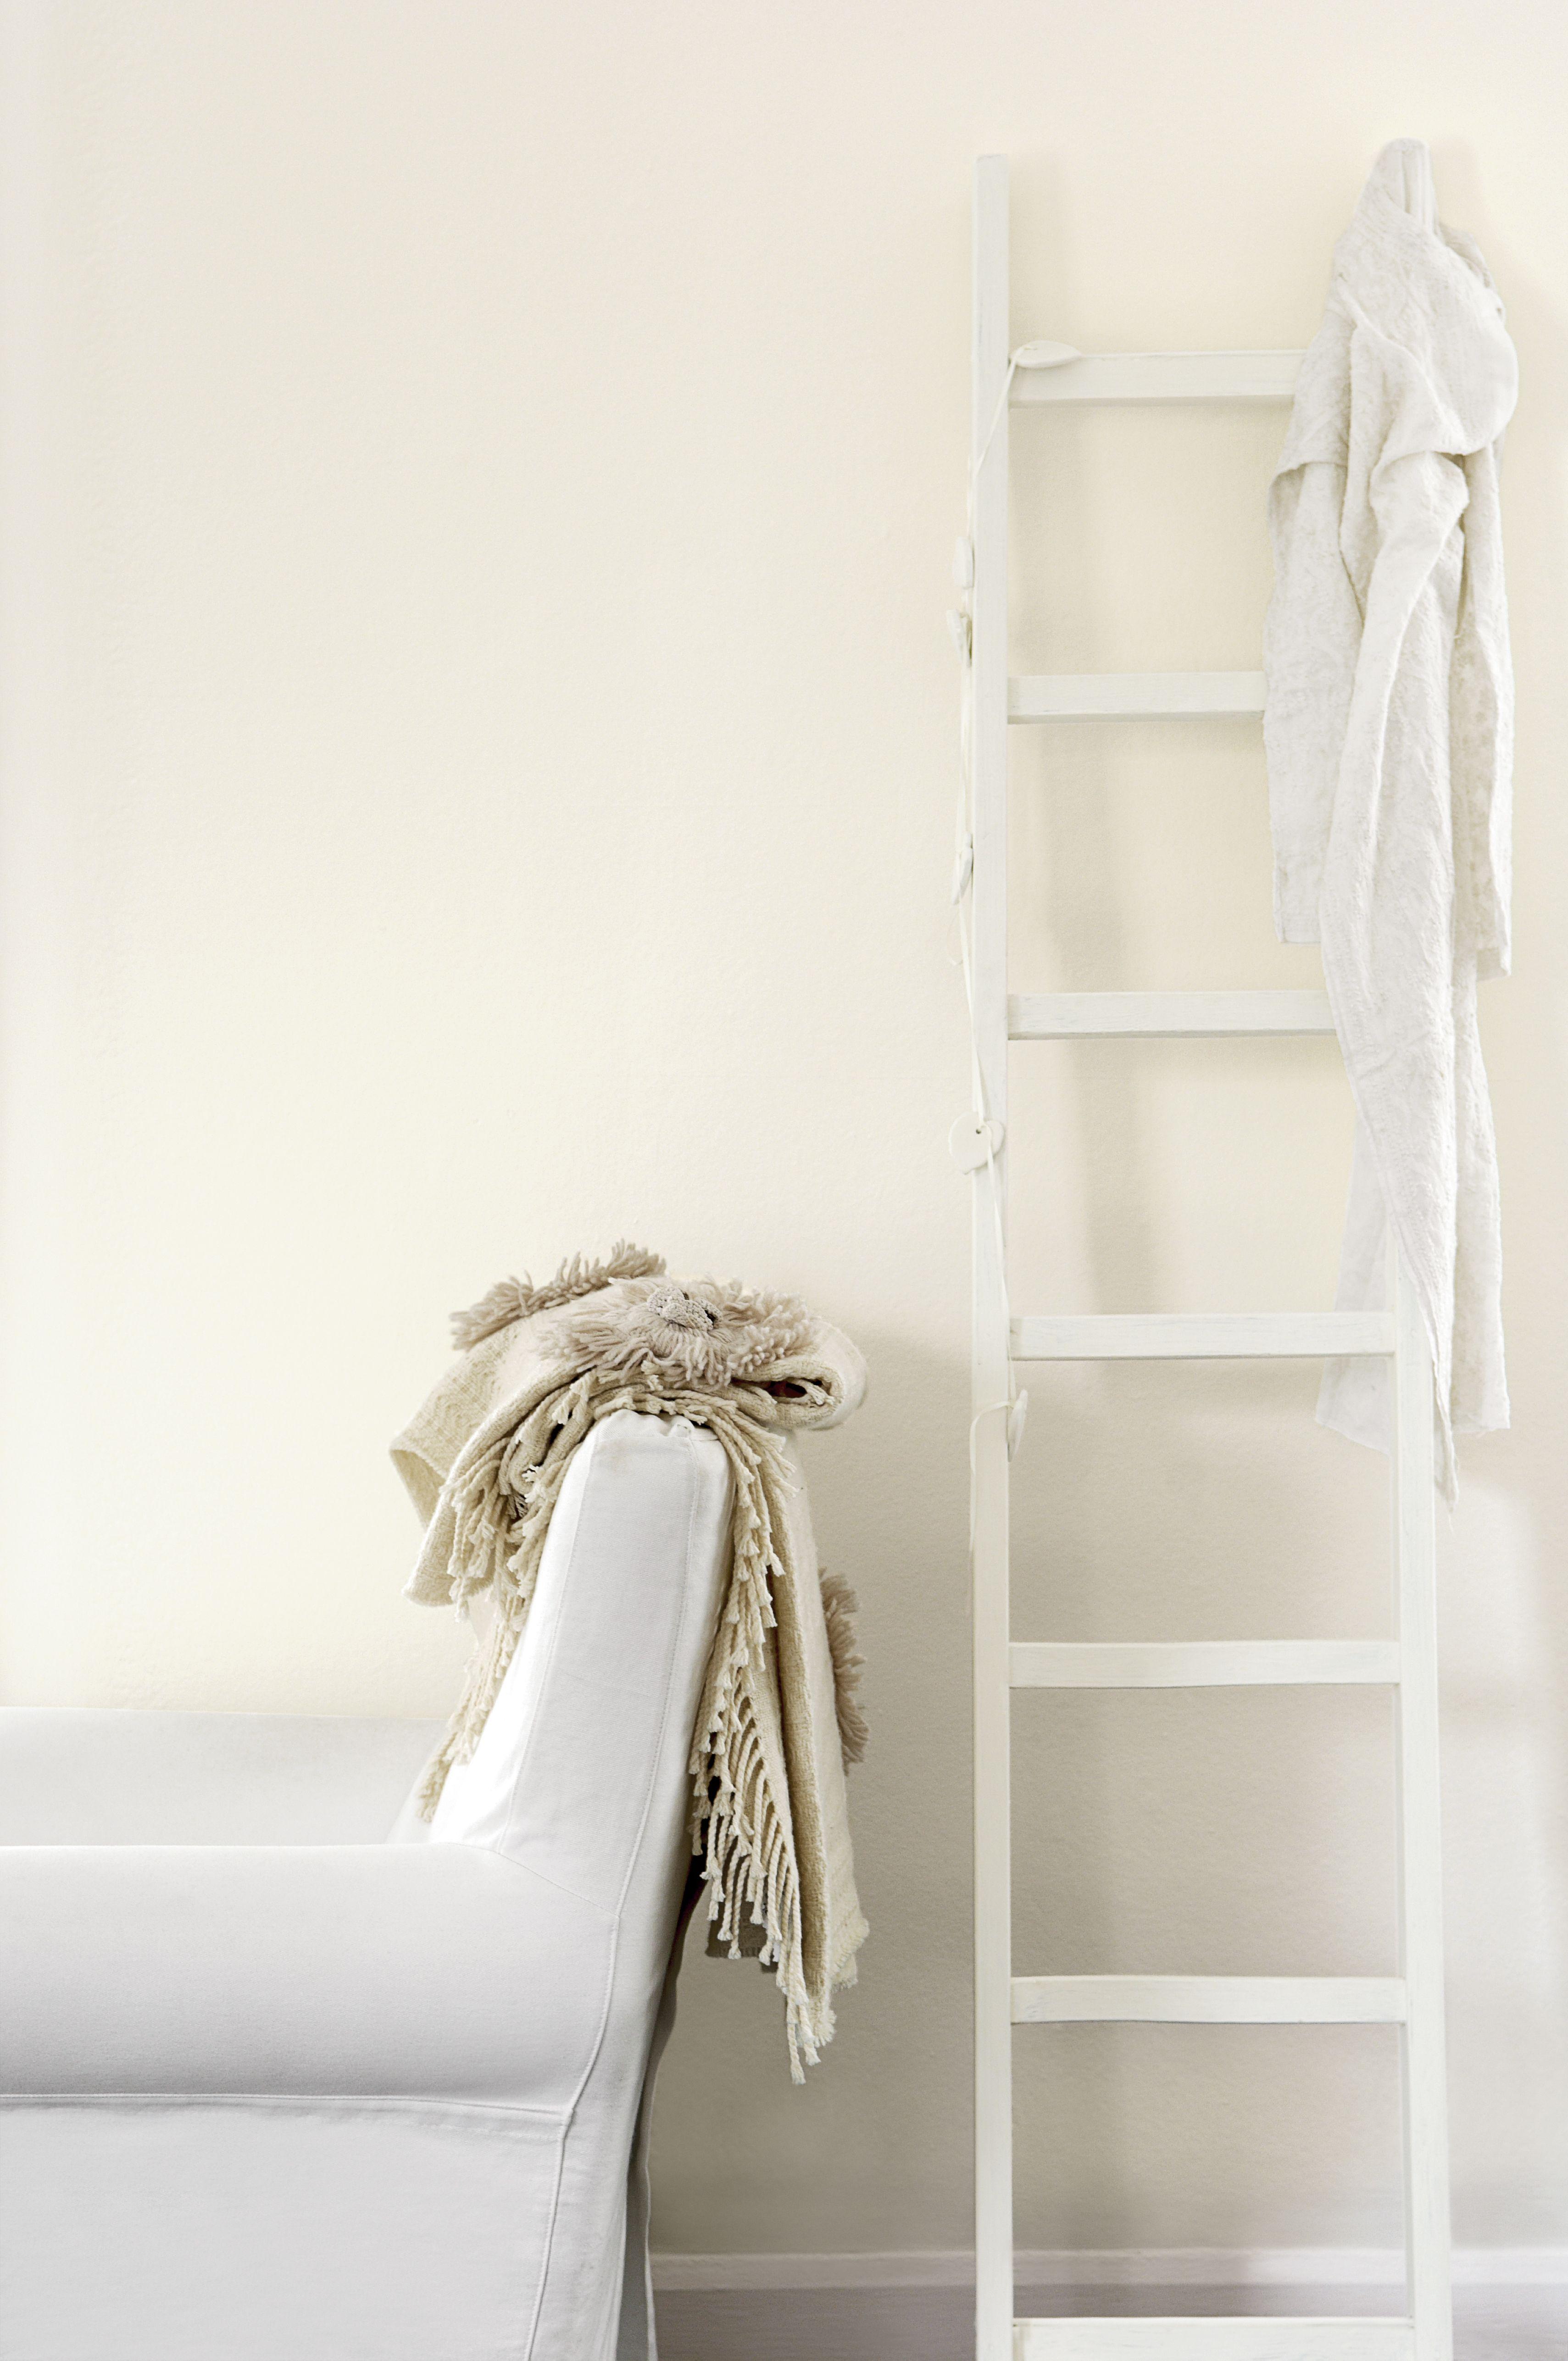 Peinture Blanche Dulux Valentine une peinture en blanc chaud pour apaiser vos sens | accent